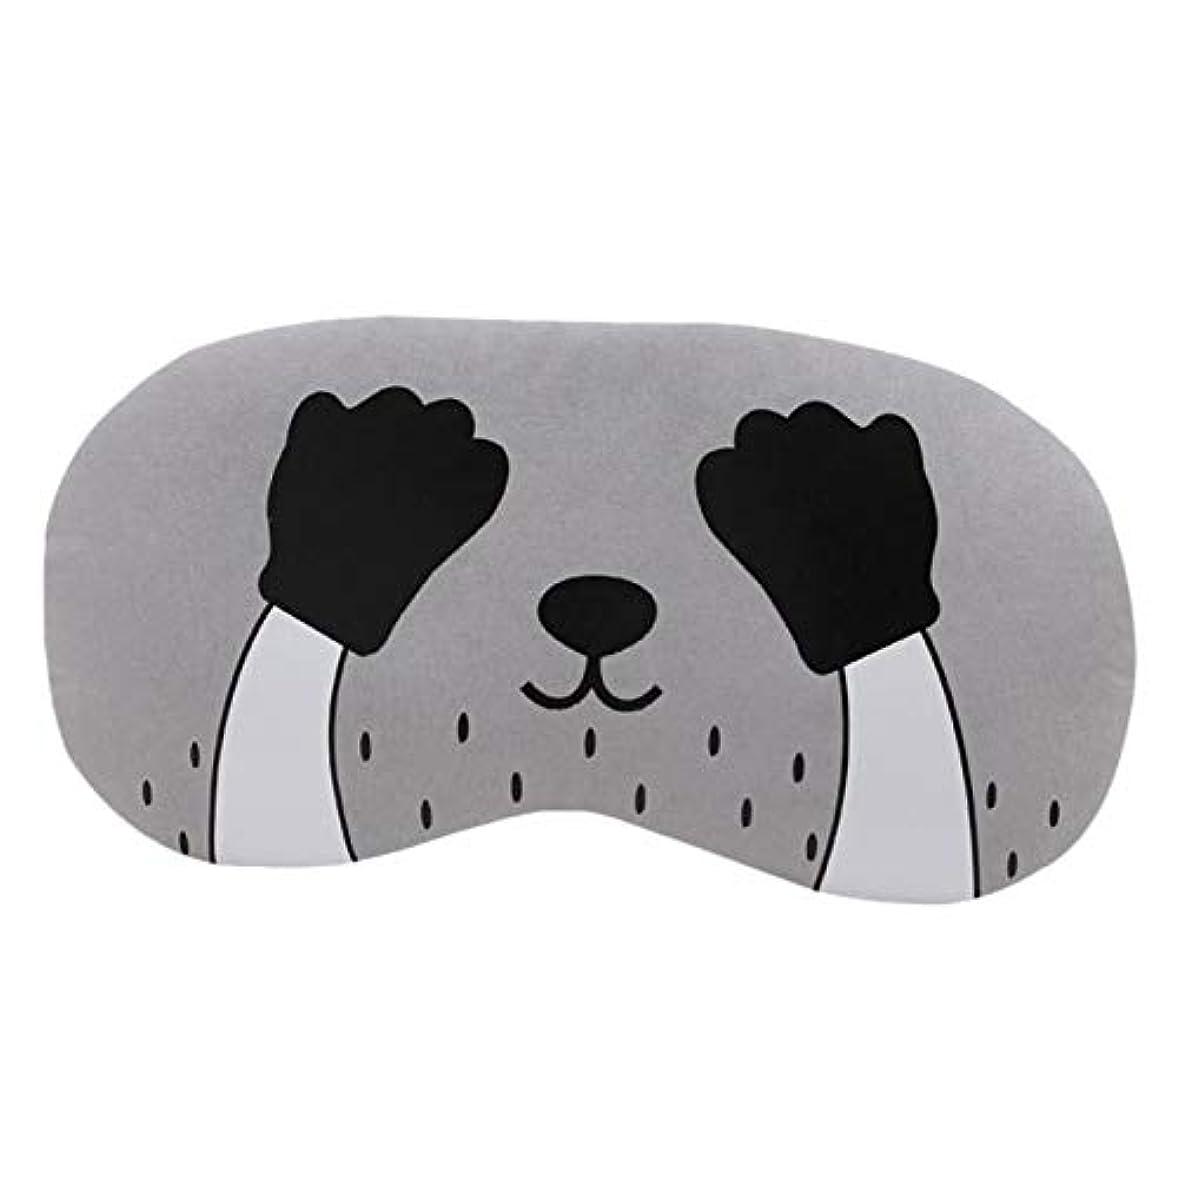 建設横知るNOTE Cutesleepingアイマスク漫画猫ソフトトラベルアイシェードカバー残りリラックス睡眠目隠しドロップシッピング2U0817